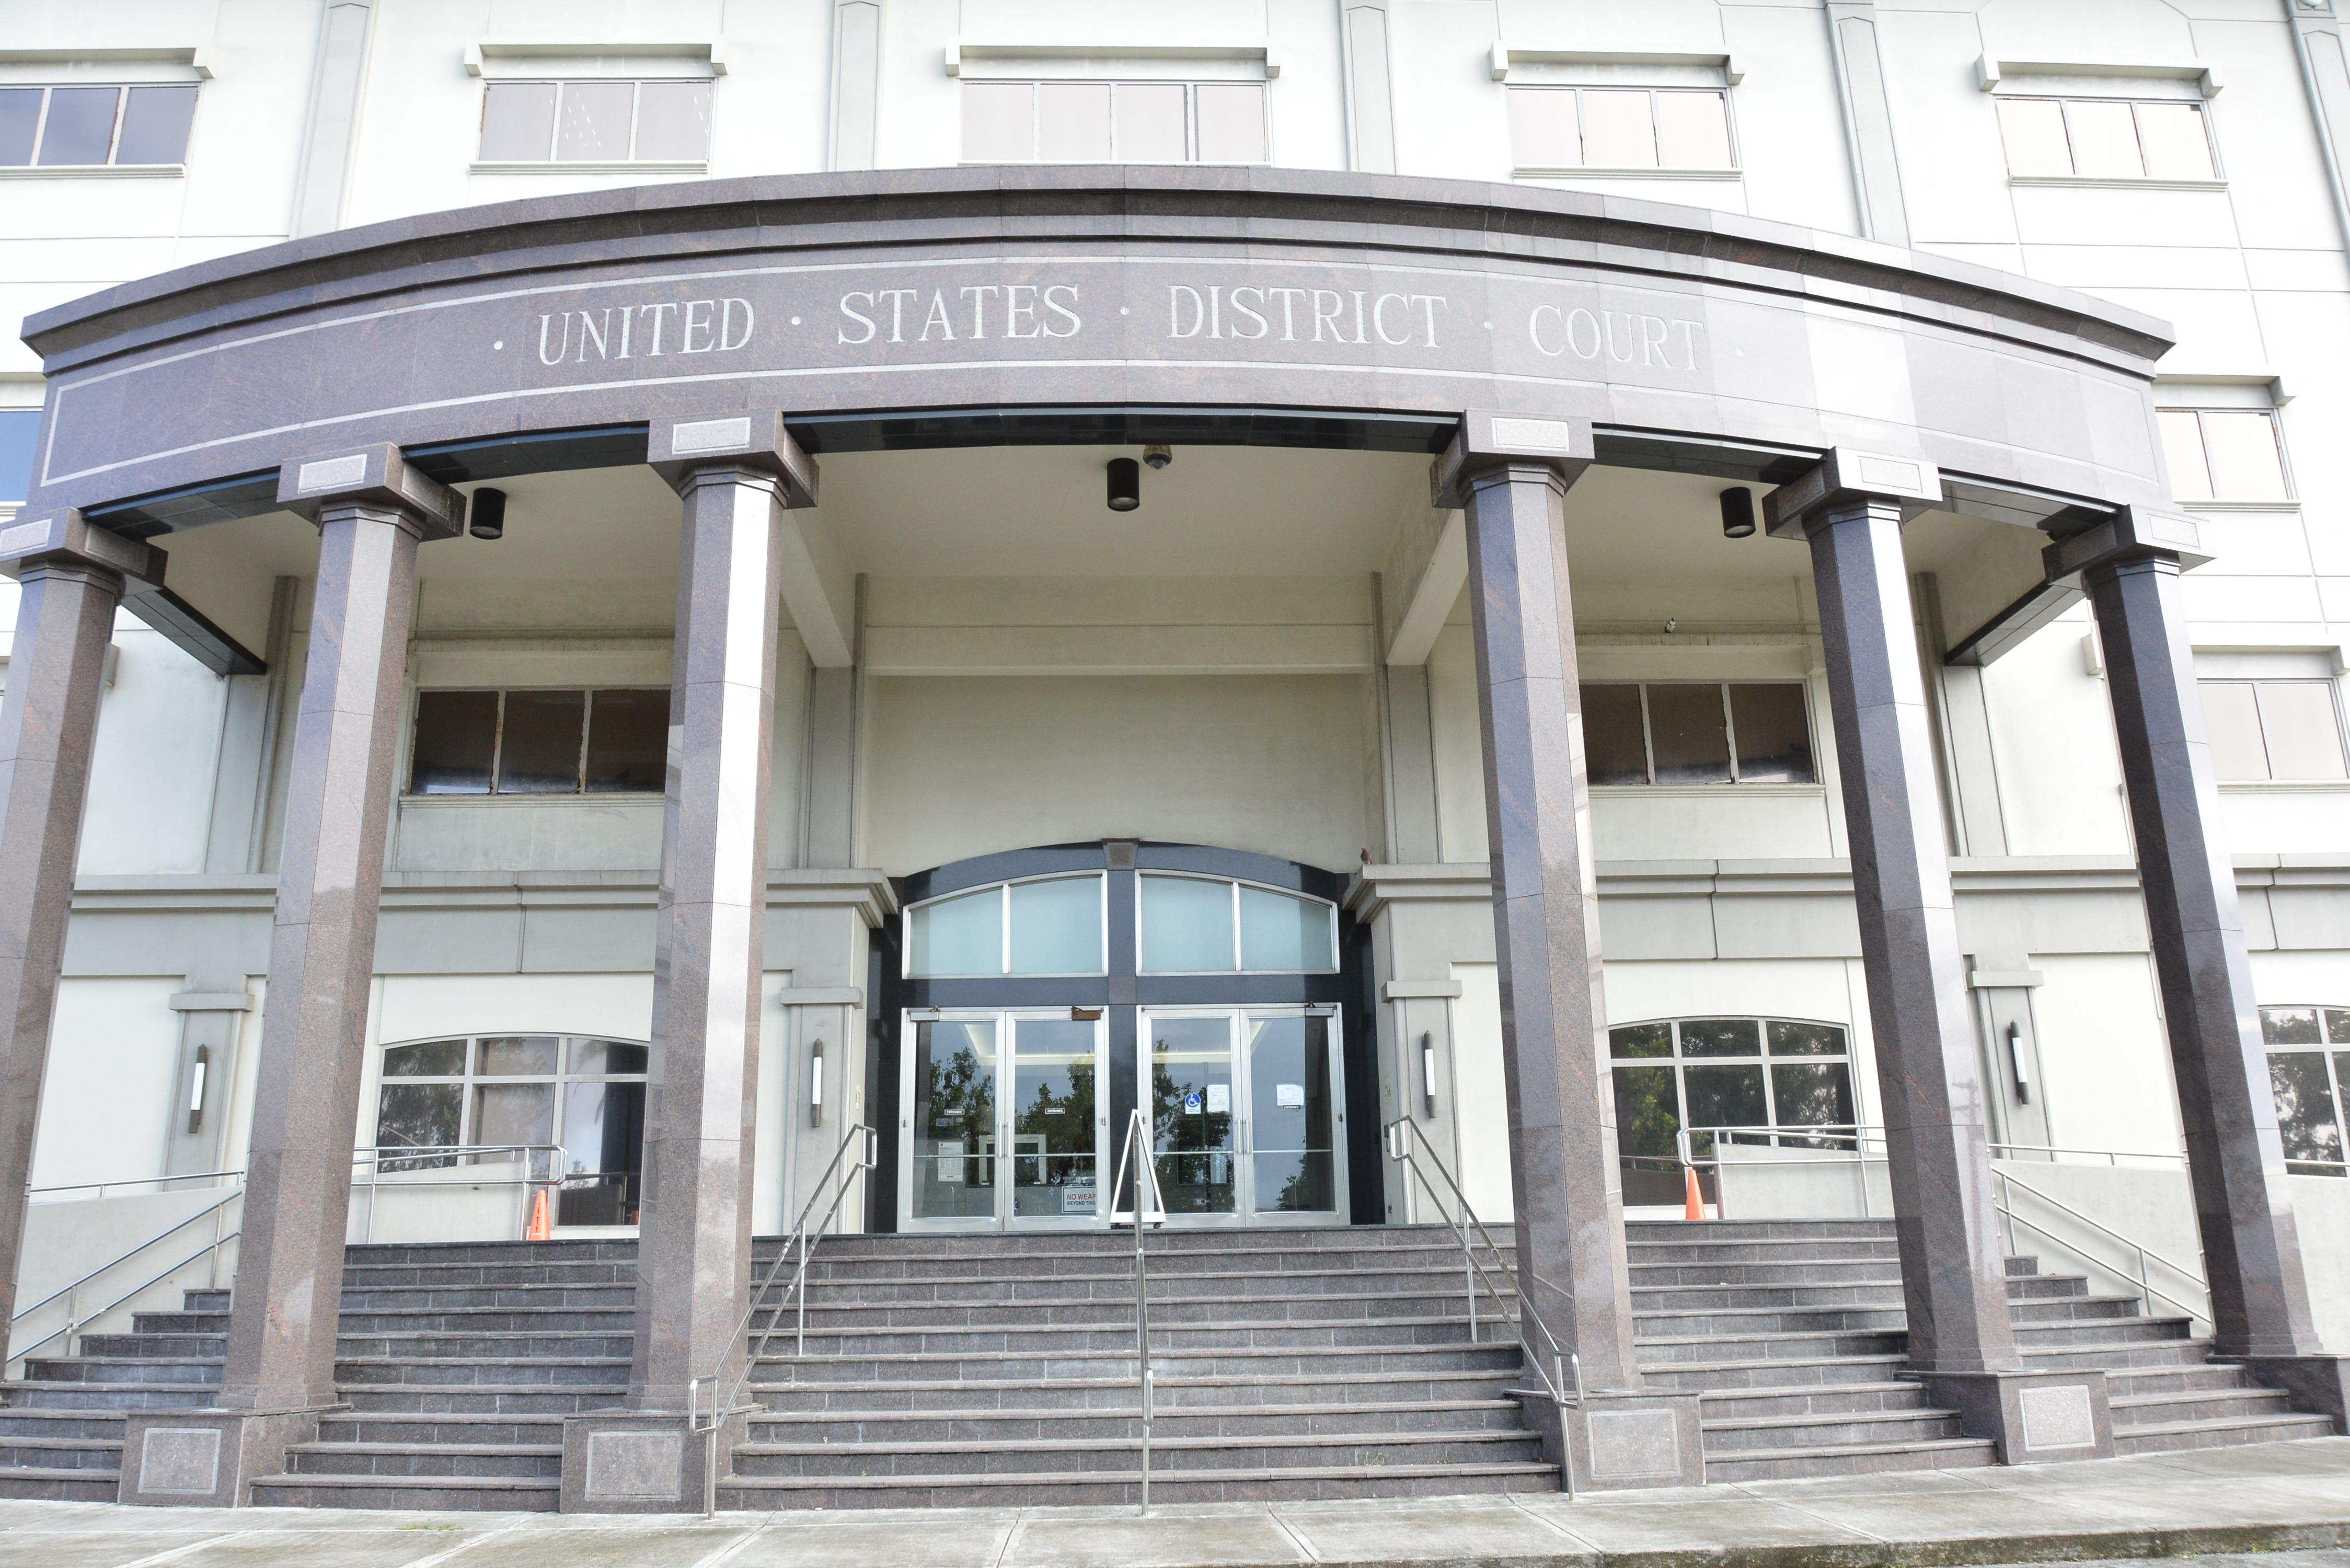 The U.S. District Court in Hagåtña.